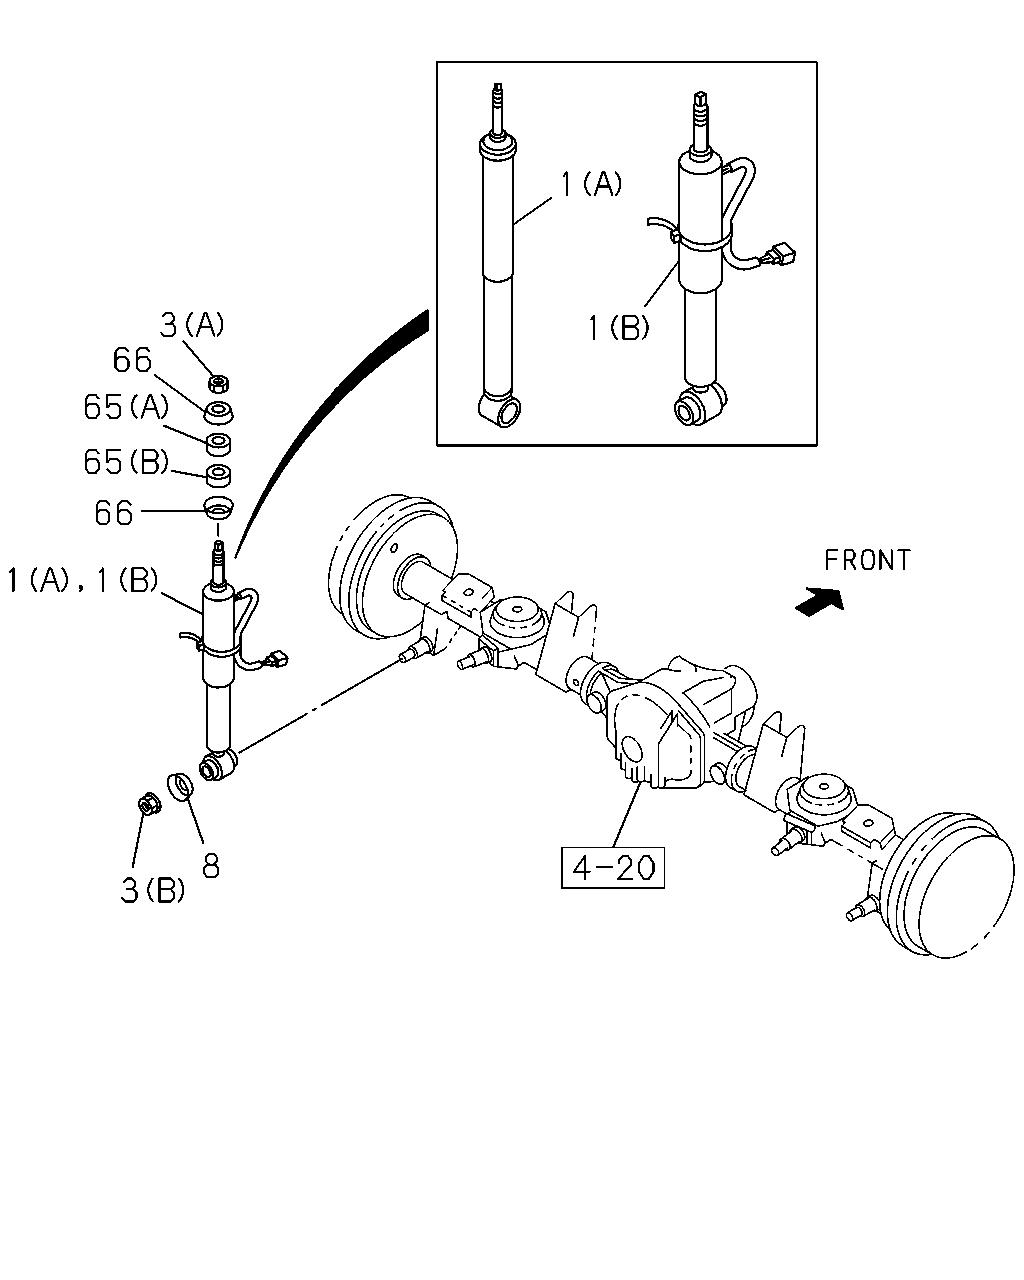 Hummer H2 Front Suspension Diagram